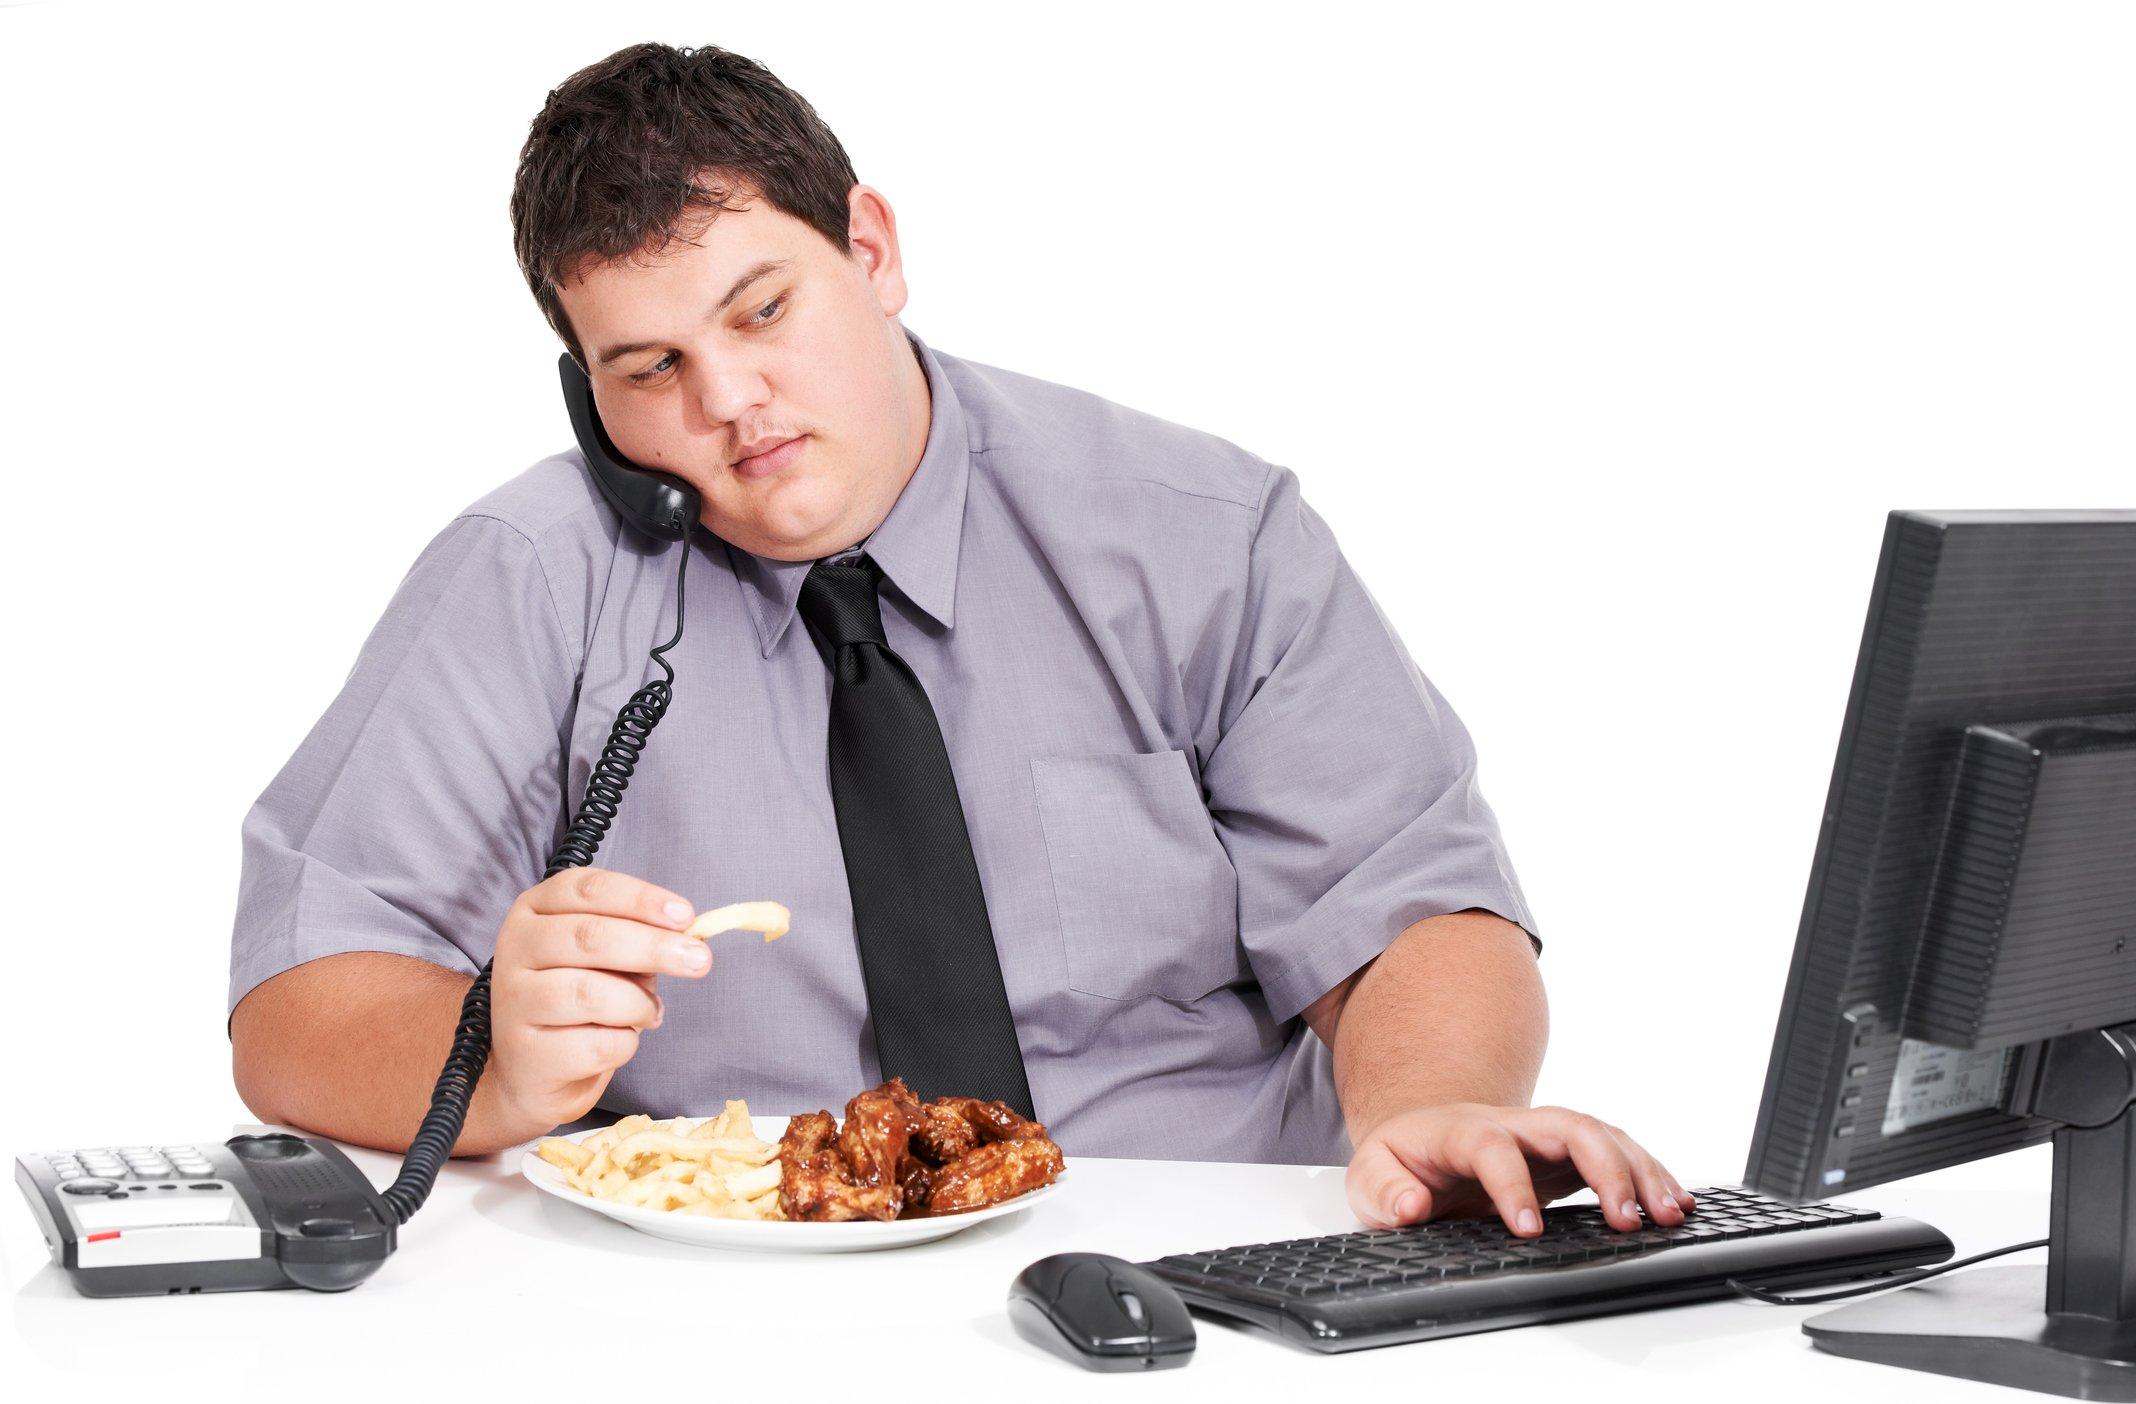 Un hombre comiendo